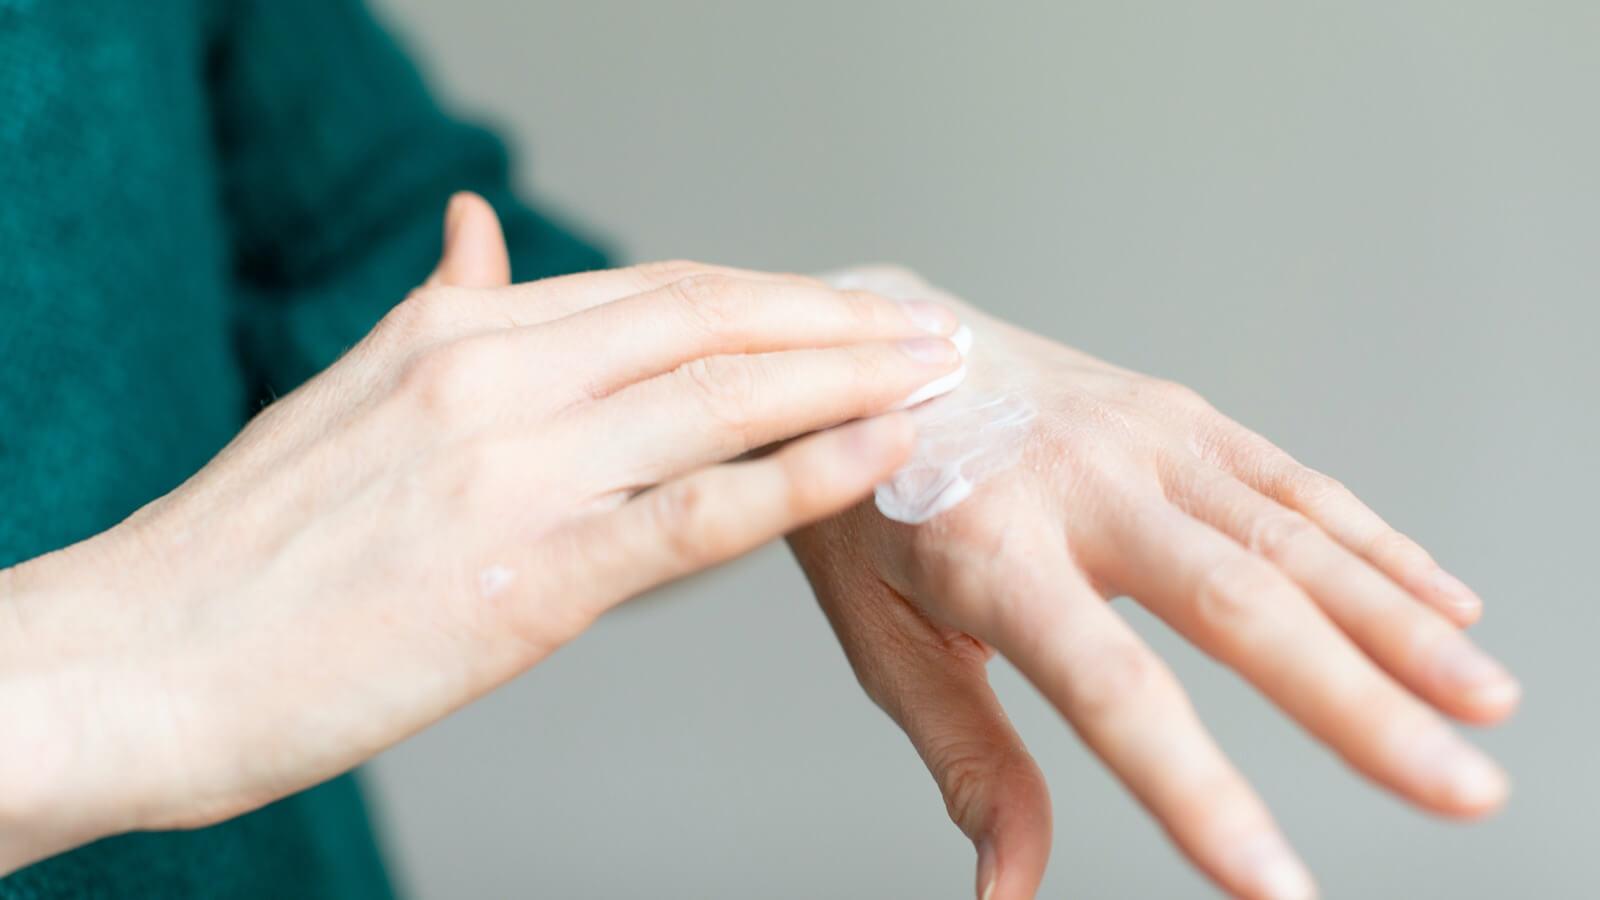 Síntomas y causas de la piel seca y escamosa